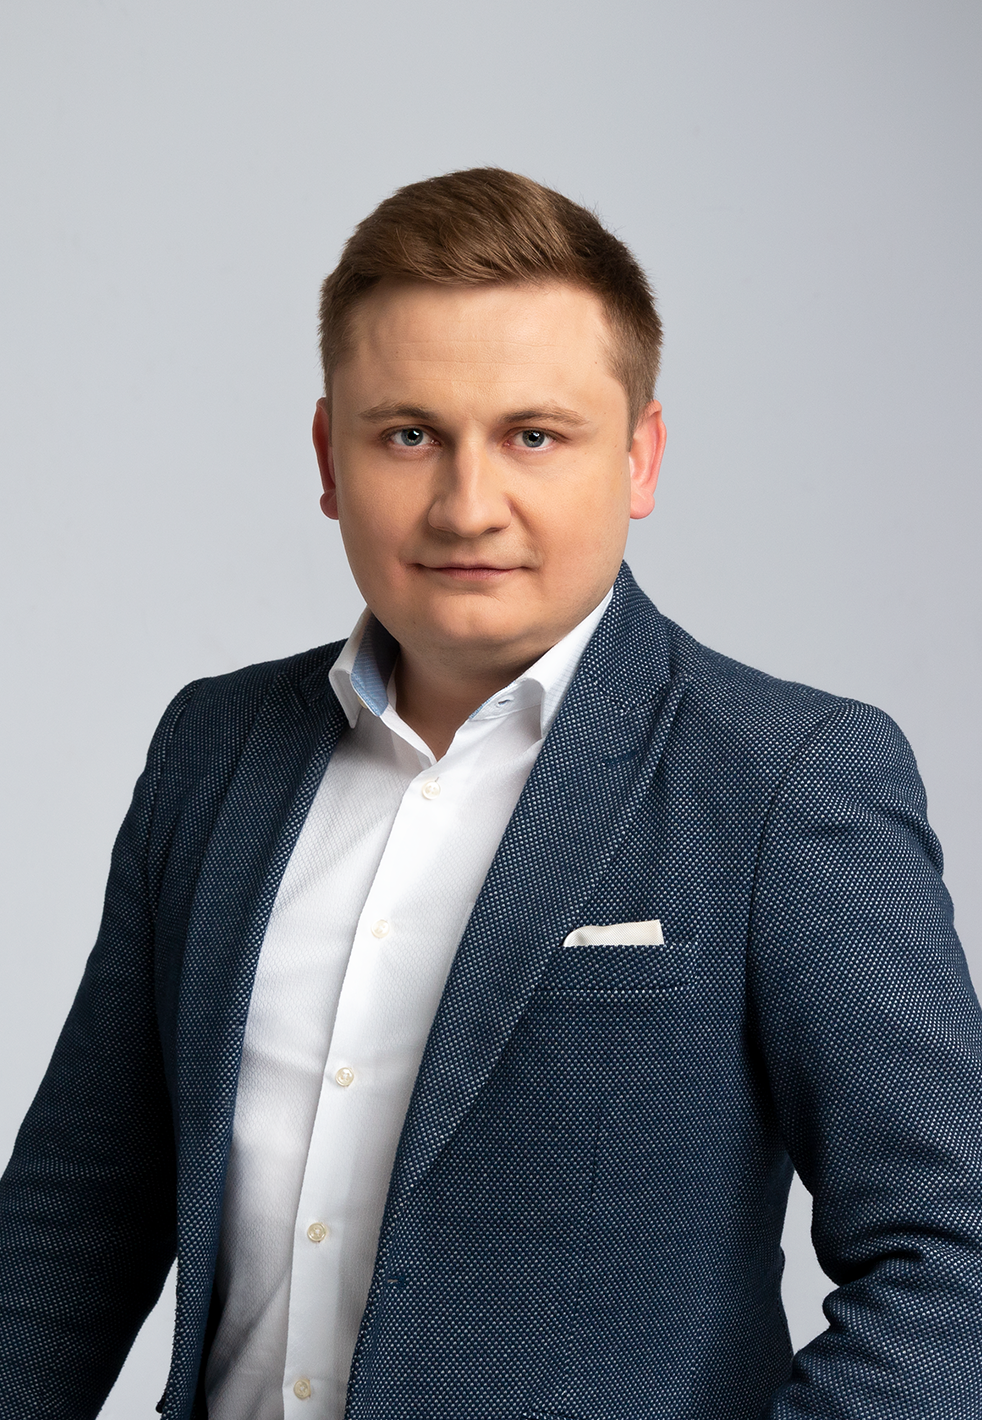 Wojciech Gałązka